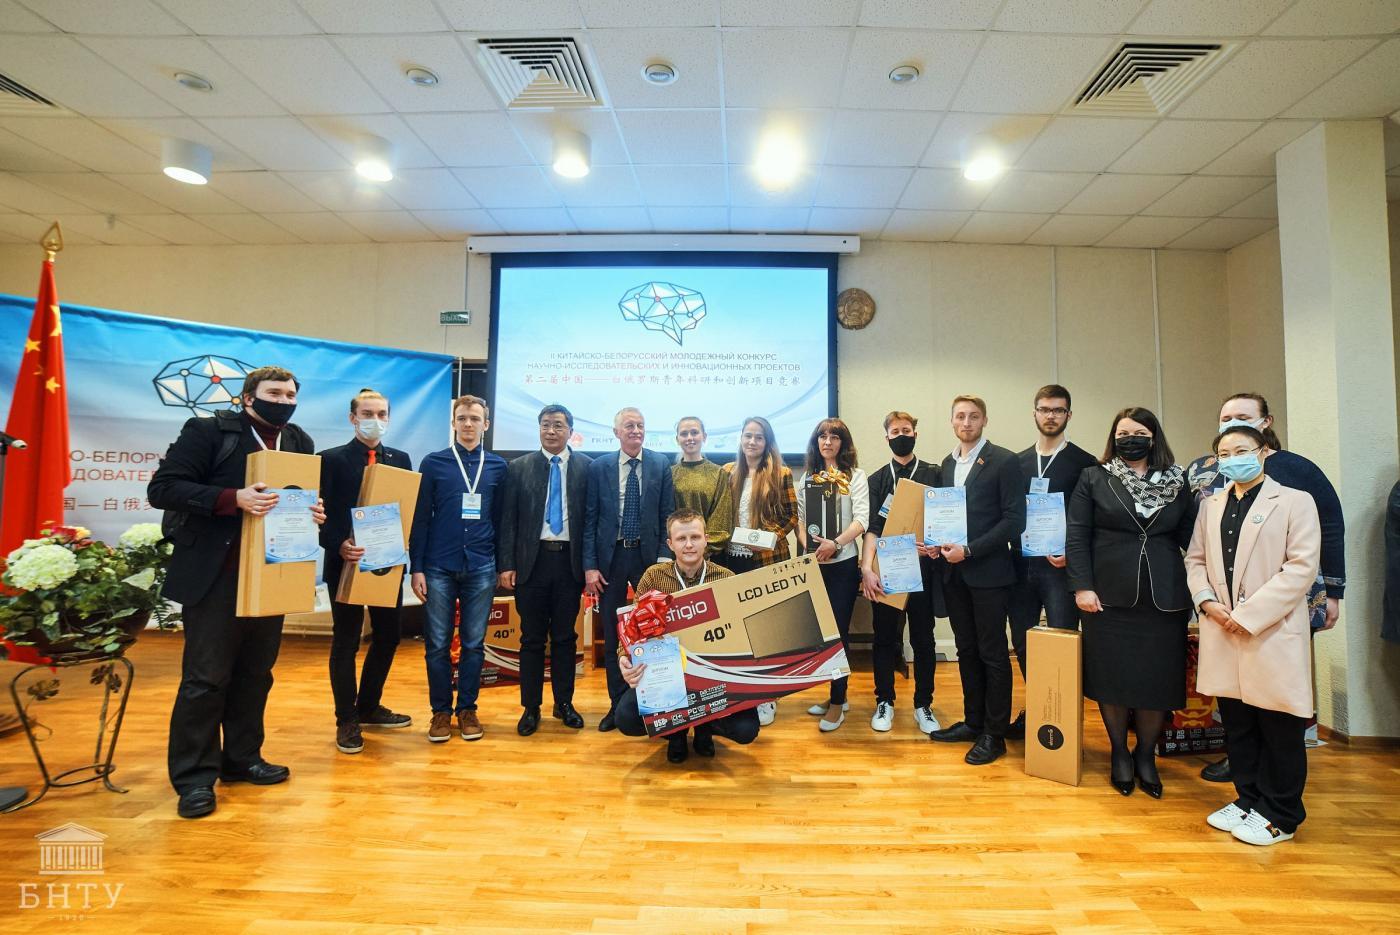 В БНТУ выбрали лучшие научно-исследовательские и инновационные проекты II Китайско-Белорусского молодежного конкурса